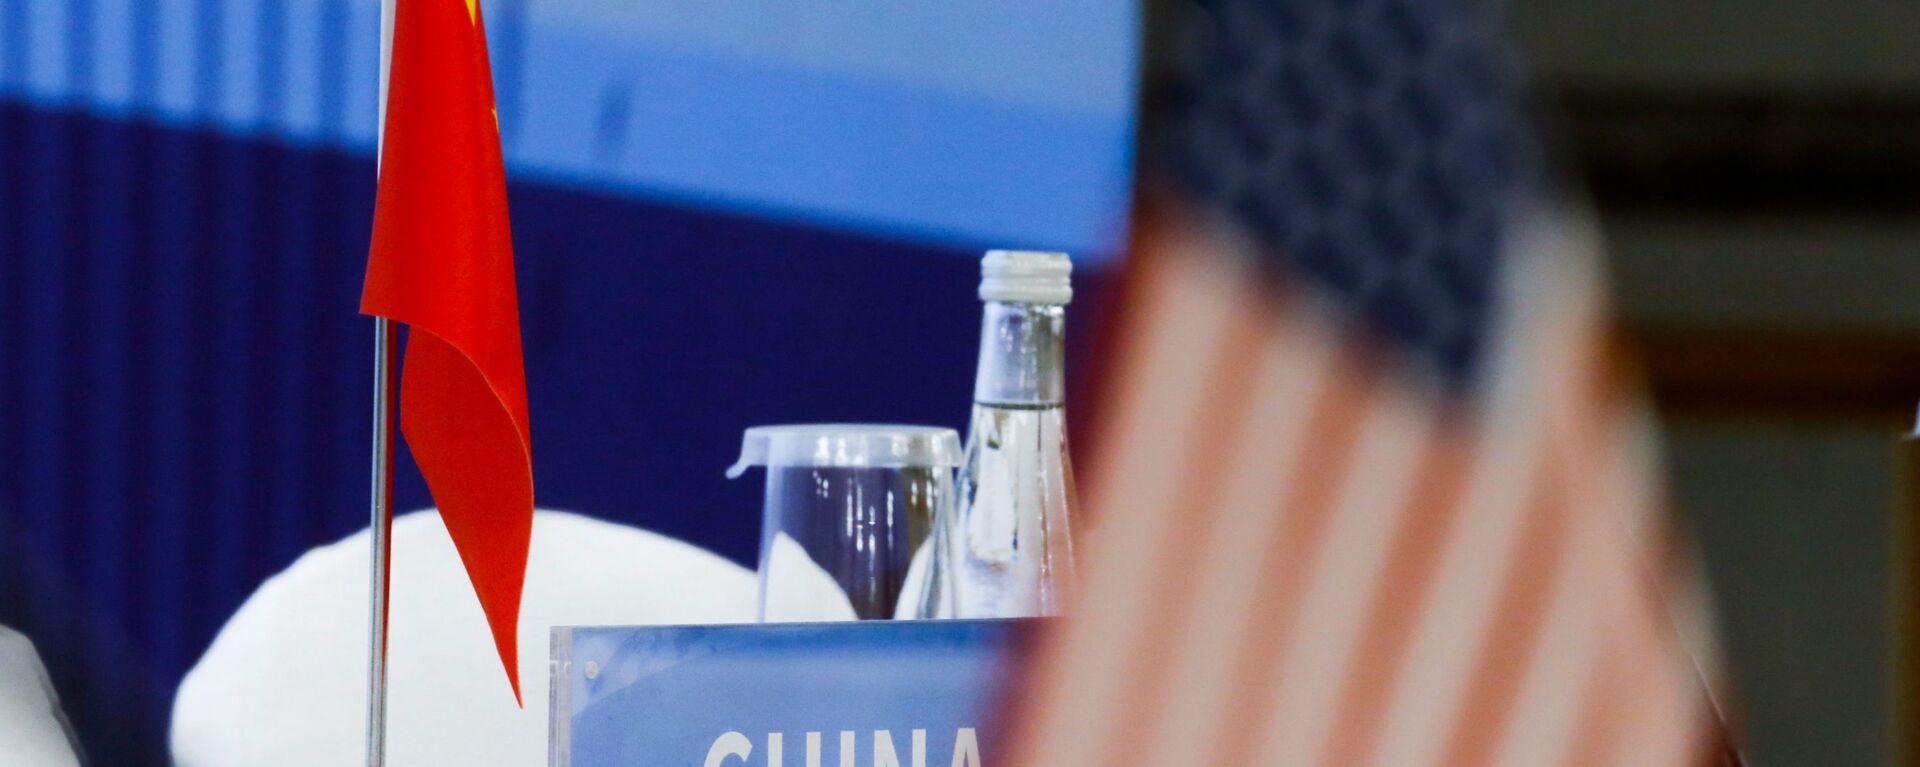 Çin'in yeni Beyaz Kitap'ı yayınlandı: ABD zorbalığı dünyaya zarar veriyor - Sputnik Türkiye, 1920, 17.03.2021